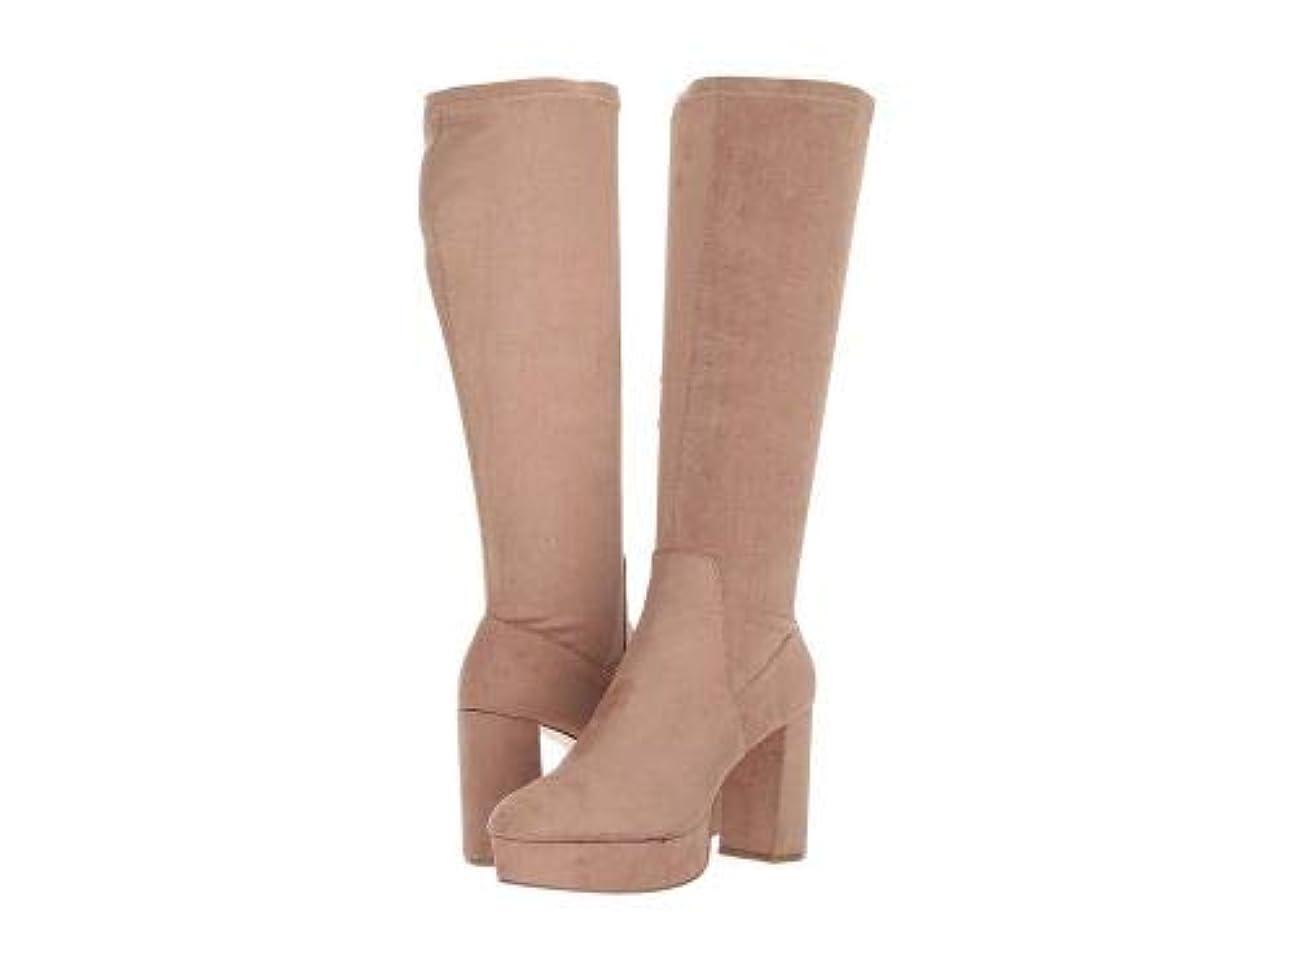 作曲する学校助けてChinese Laundry(チャイニーズランドリー) レディース 女性用 シューズ 靴 ブーツ ロングブーツ Nancy Boot - Mink Suedette [並行輸入品]